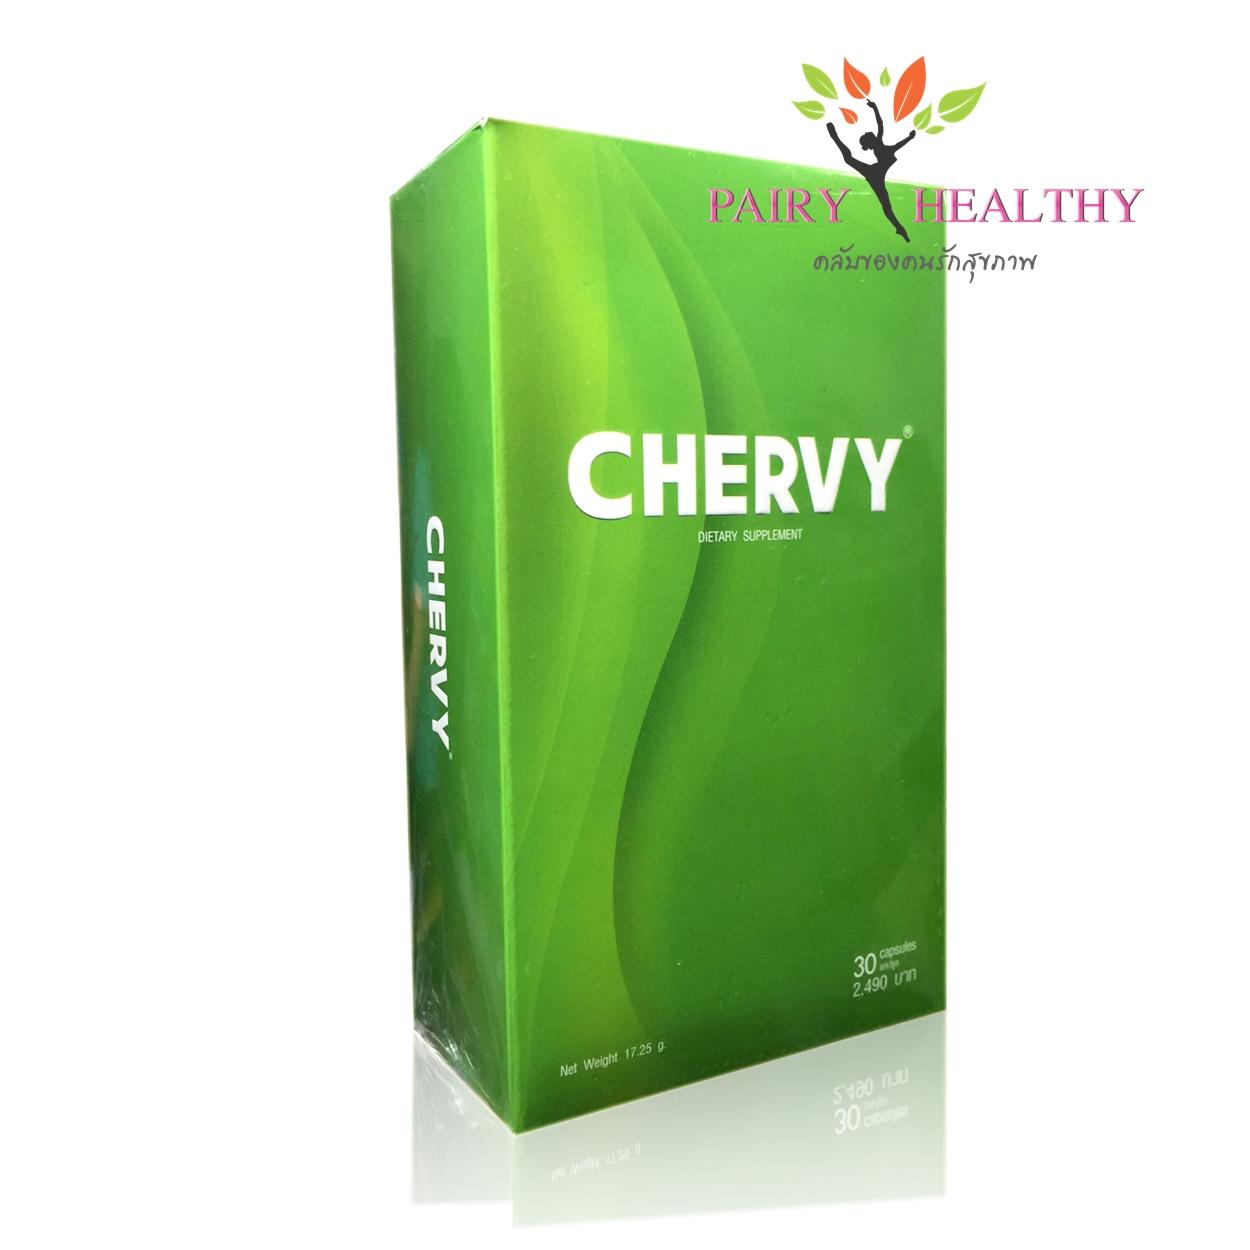 Chervy (เชอวี่) ลดน้ำหนัก ผอม หุ่นดี ปลอดภัย 30 แคปซูล ราคา 1,140 บาท ส่งฟรี EMS